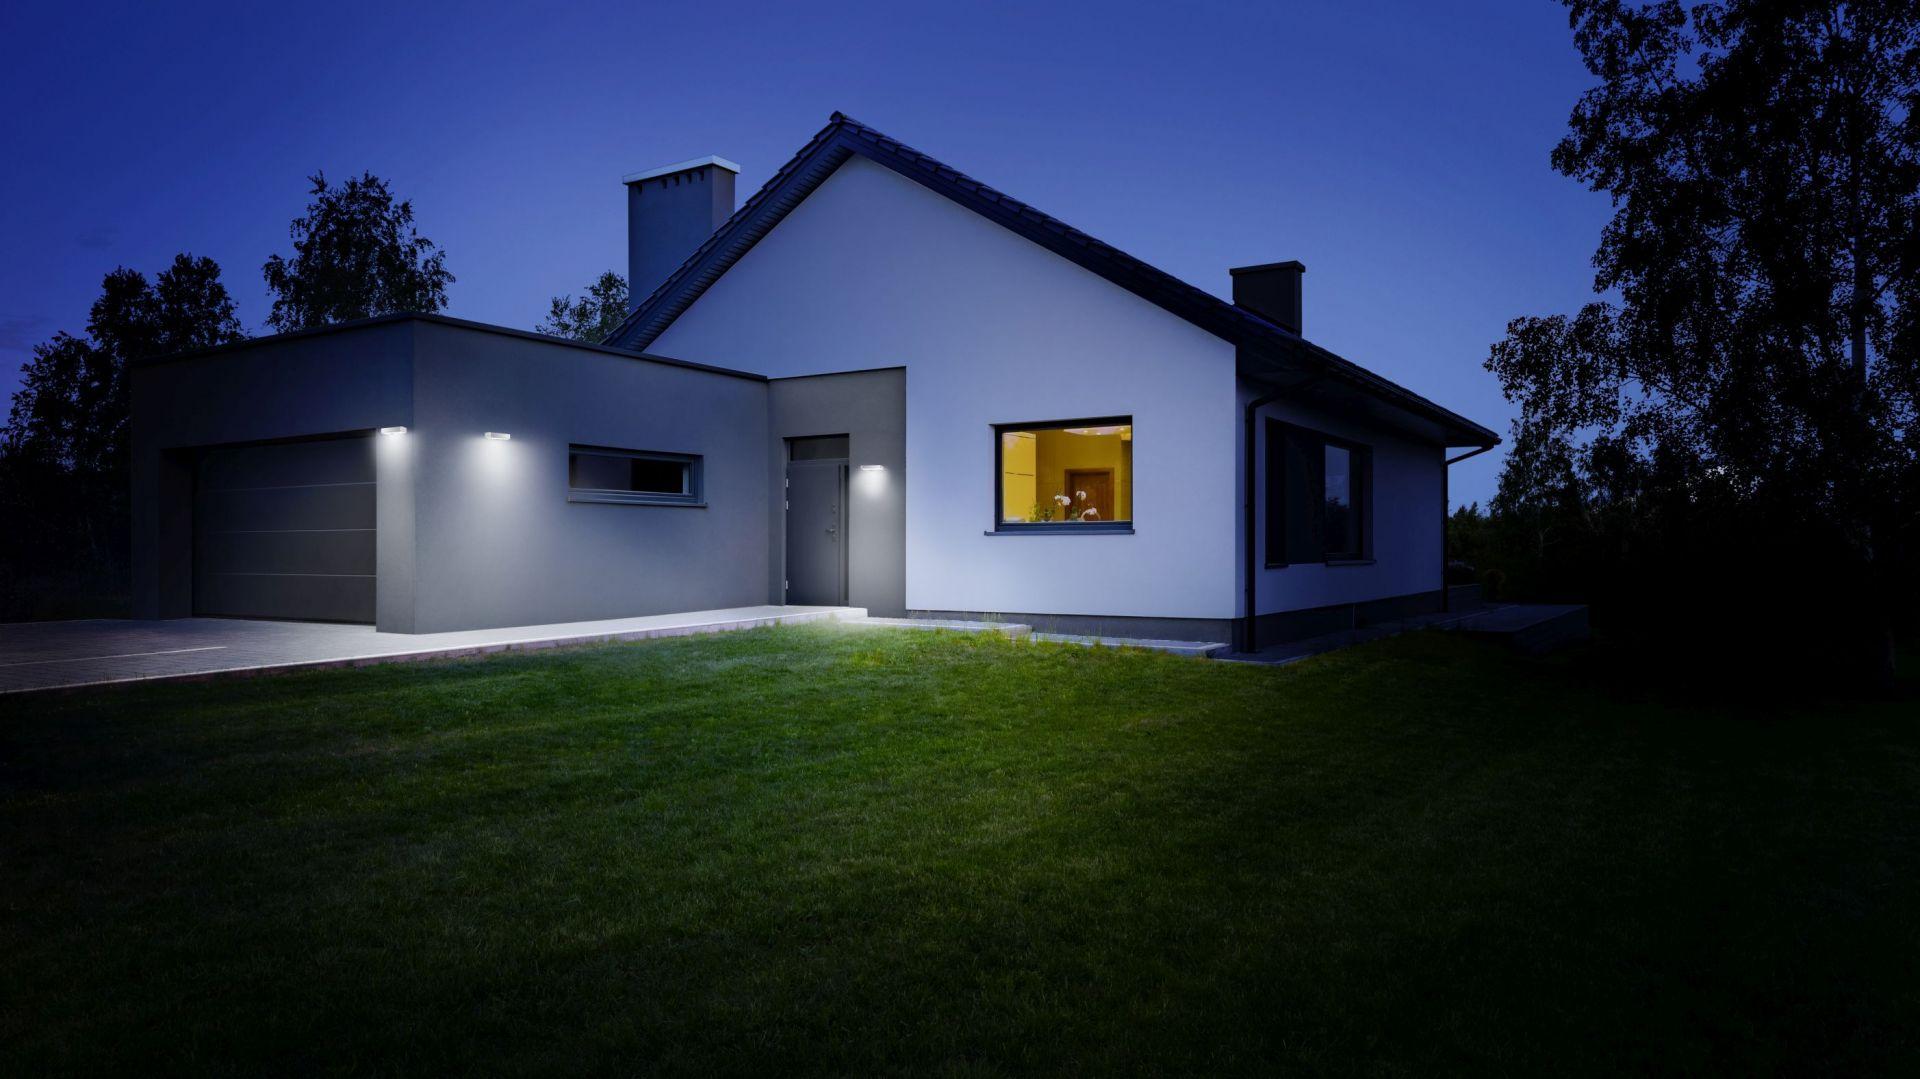 Inteligentne oświetlenie wokół domu: Mood SOL-O_S. Fot. Steinel Lange Łukaszuk